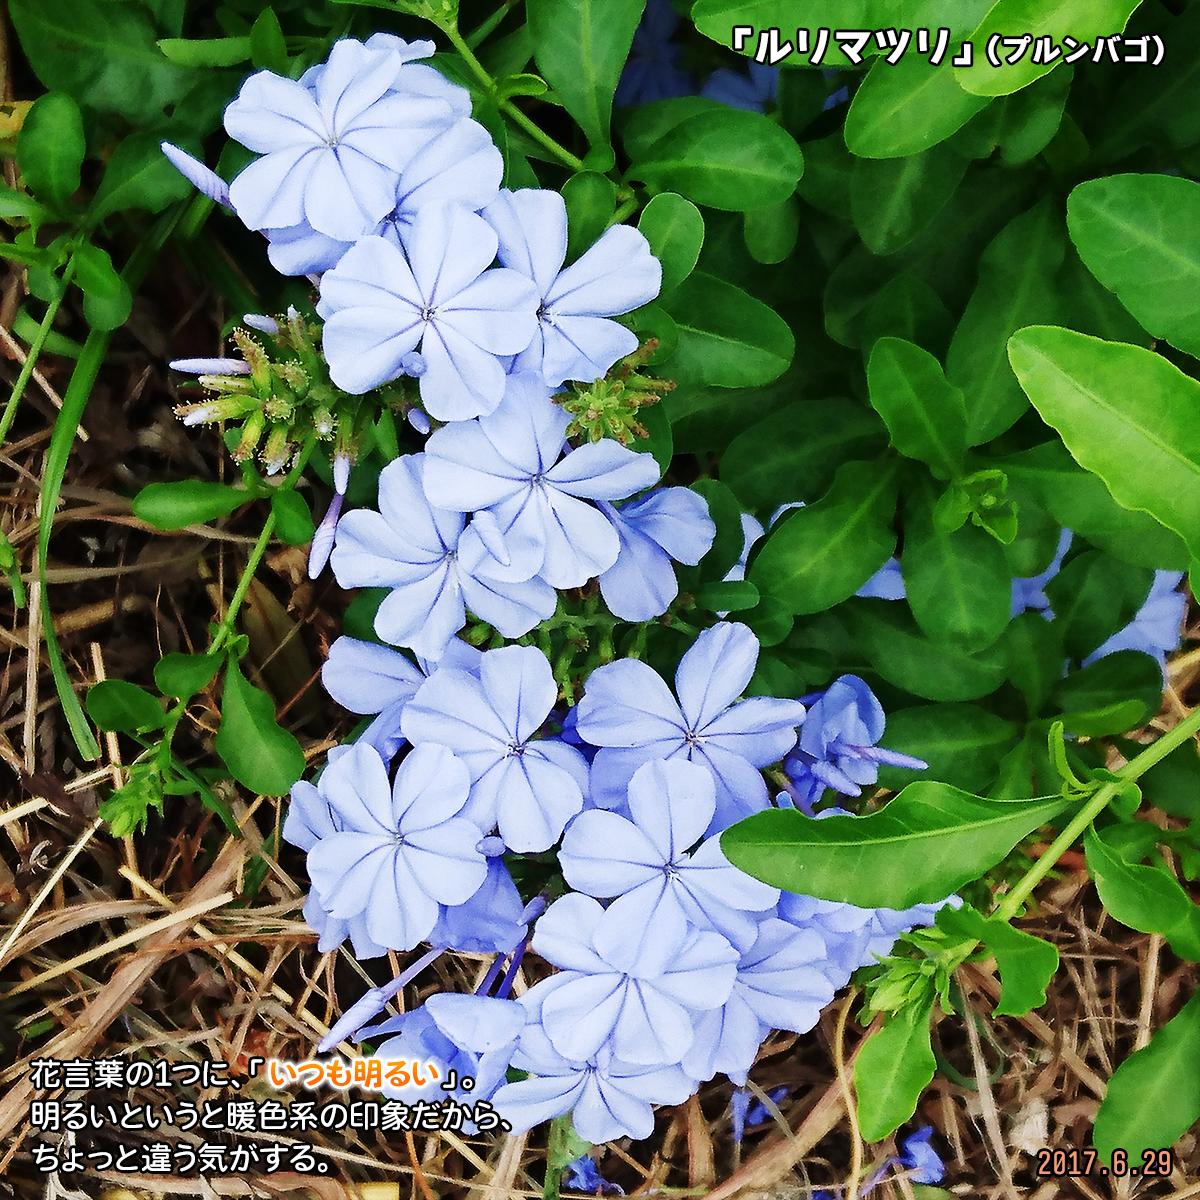 DSC_2989_202001131730572bf.jpg